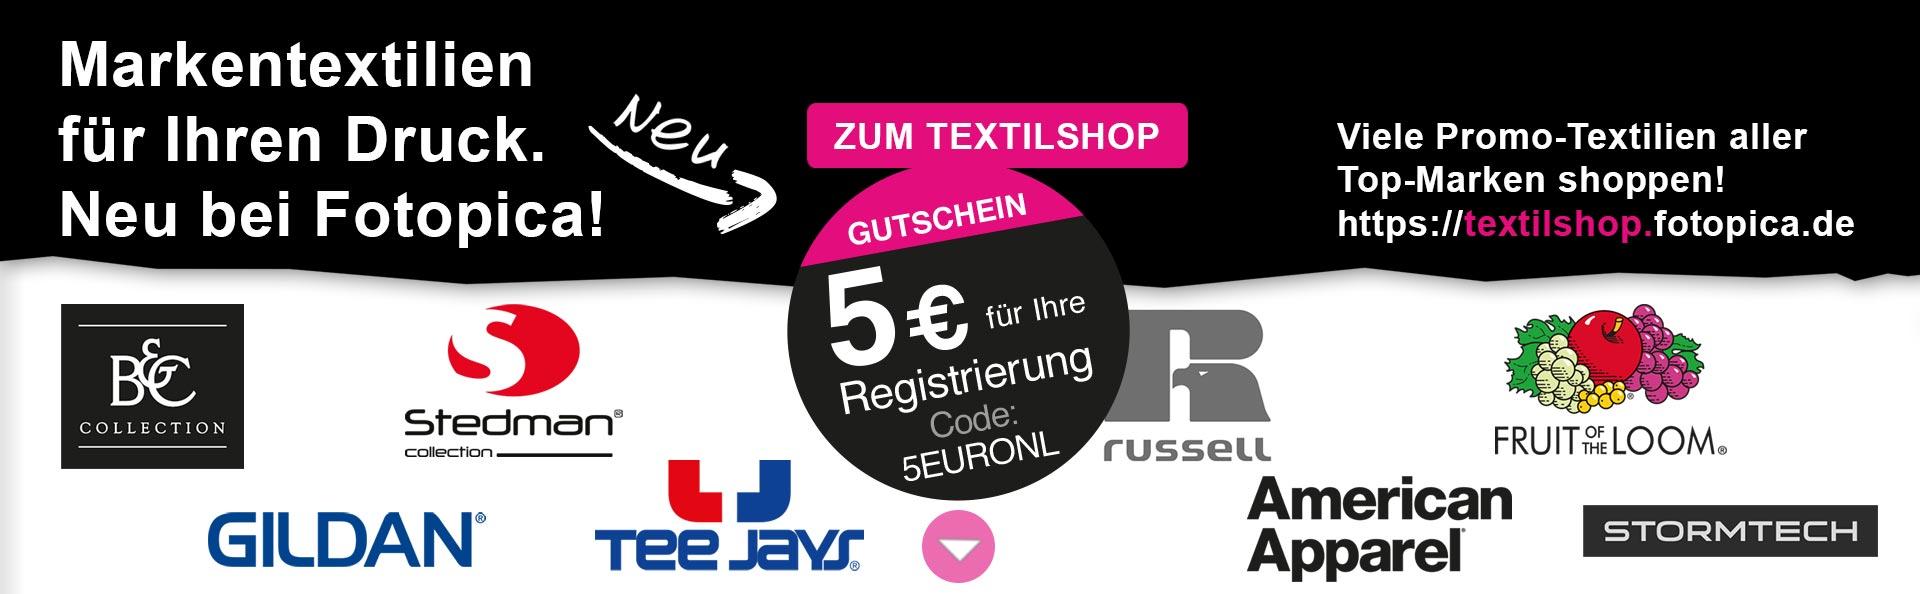 Im Textilshop registrieren und 5 EUR Gutschein erhalten